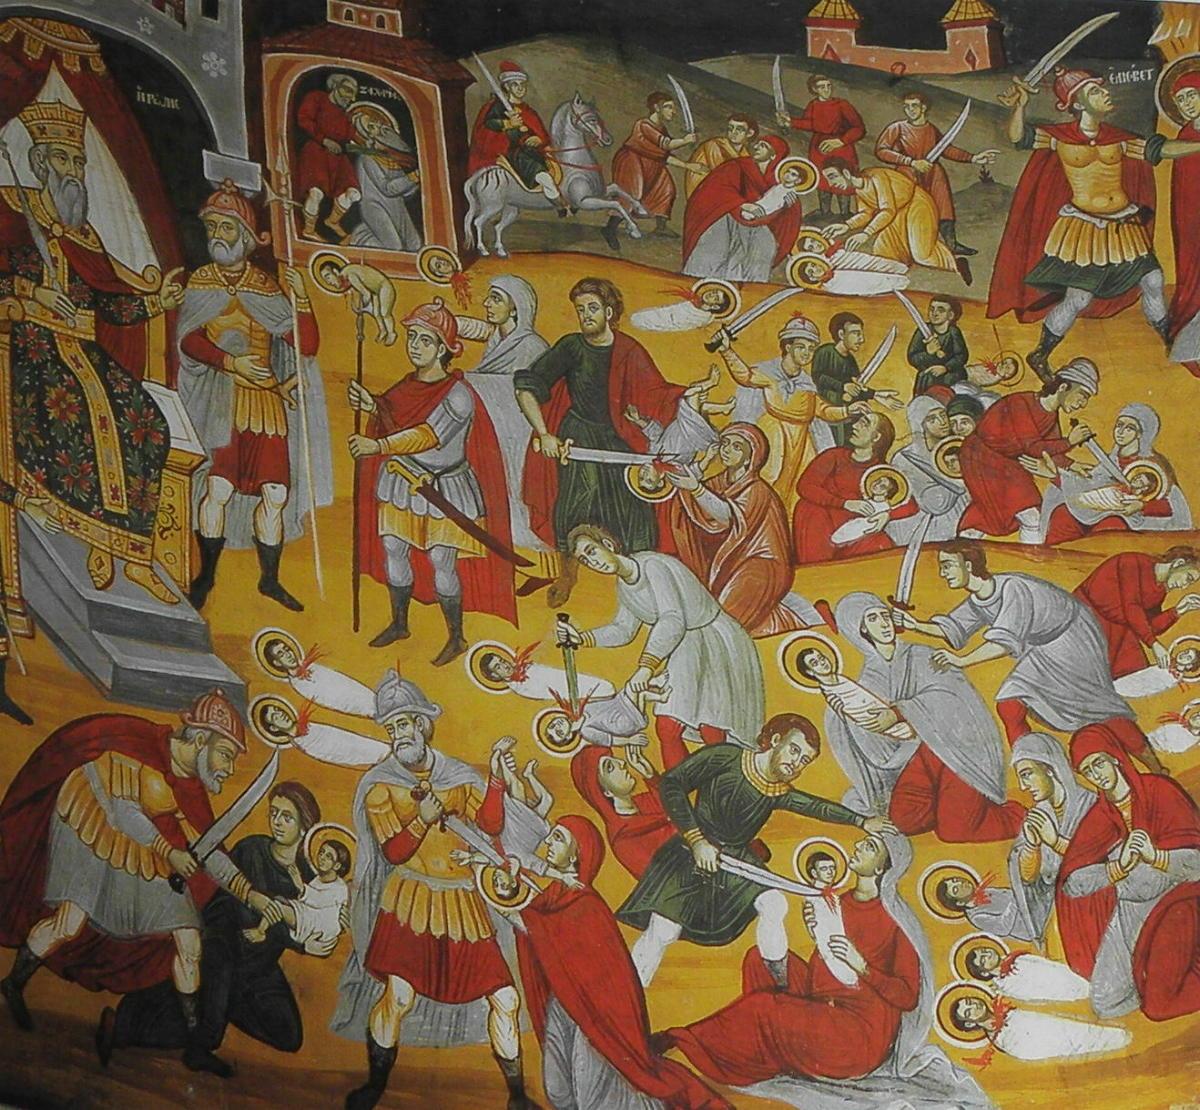 Συναξάρι 29 Δεκεμβρίου, Σφαγιασθέντων Νηπίων με διαταγή του Ηρώδη